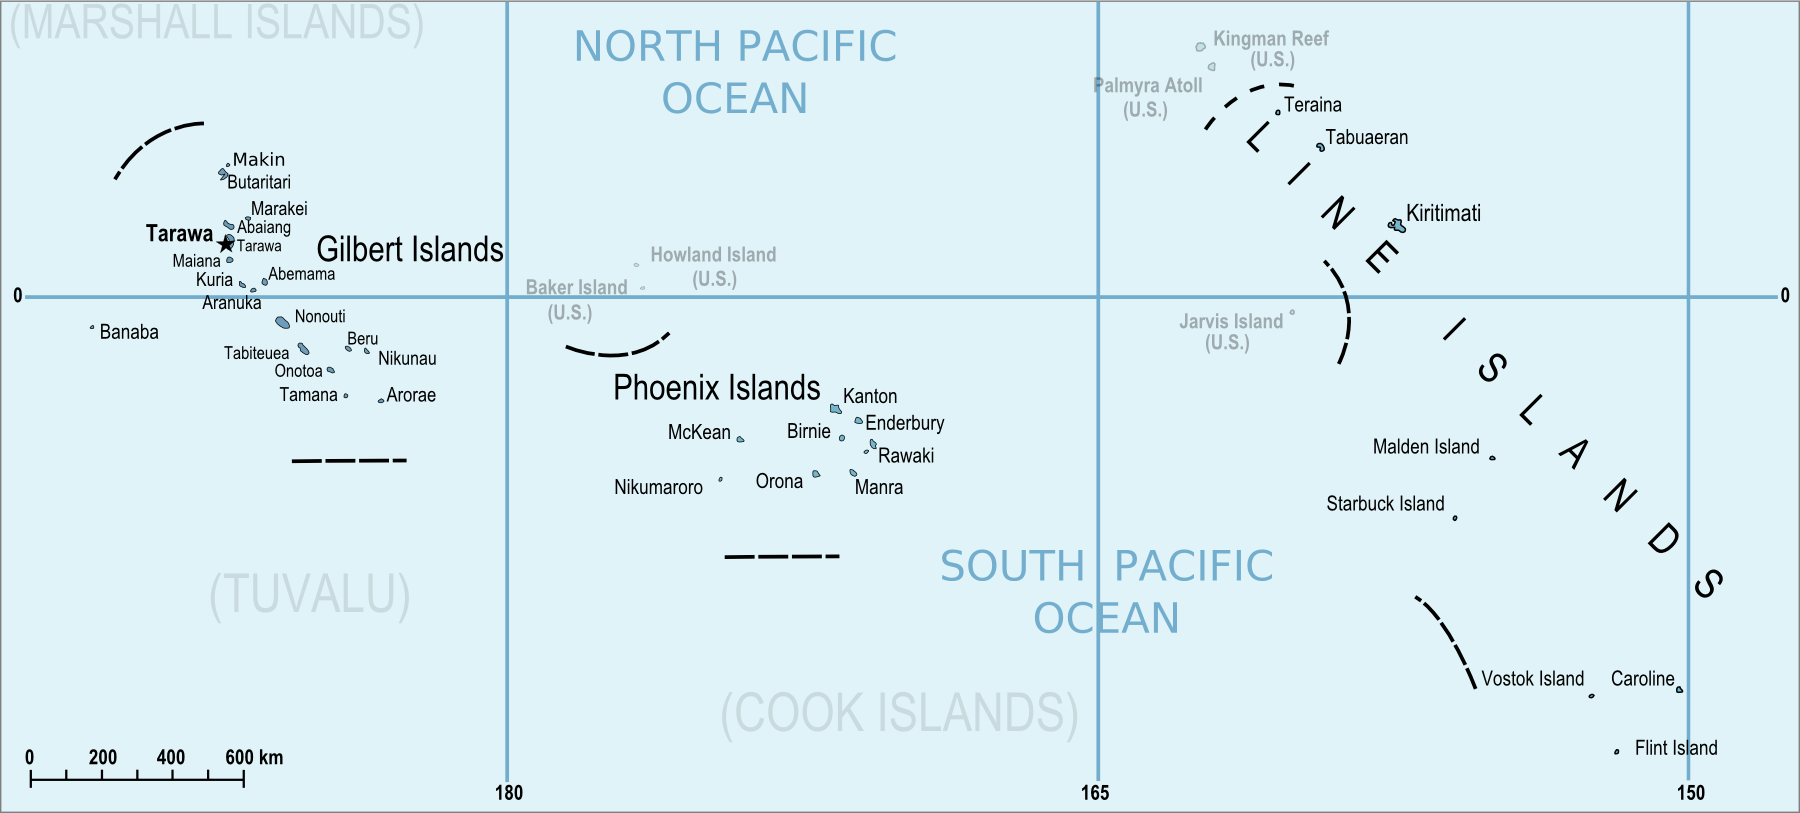 Islands Of Kiribati - Kiribati map